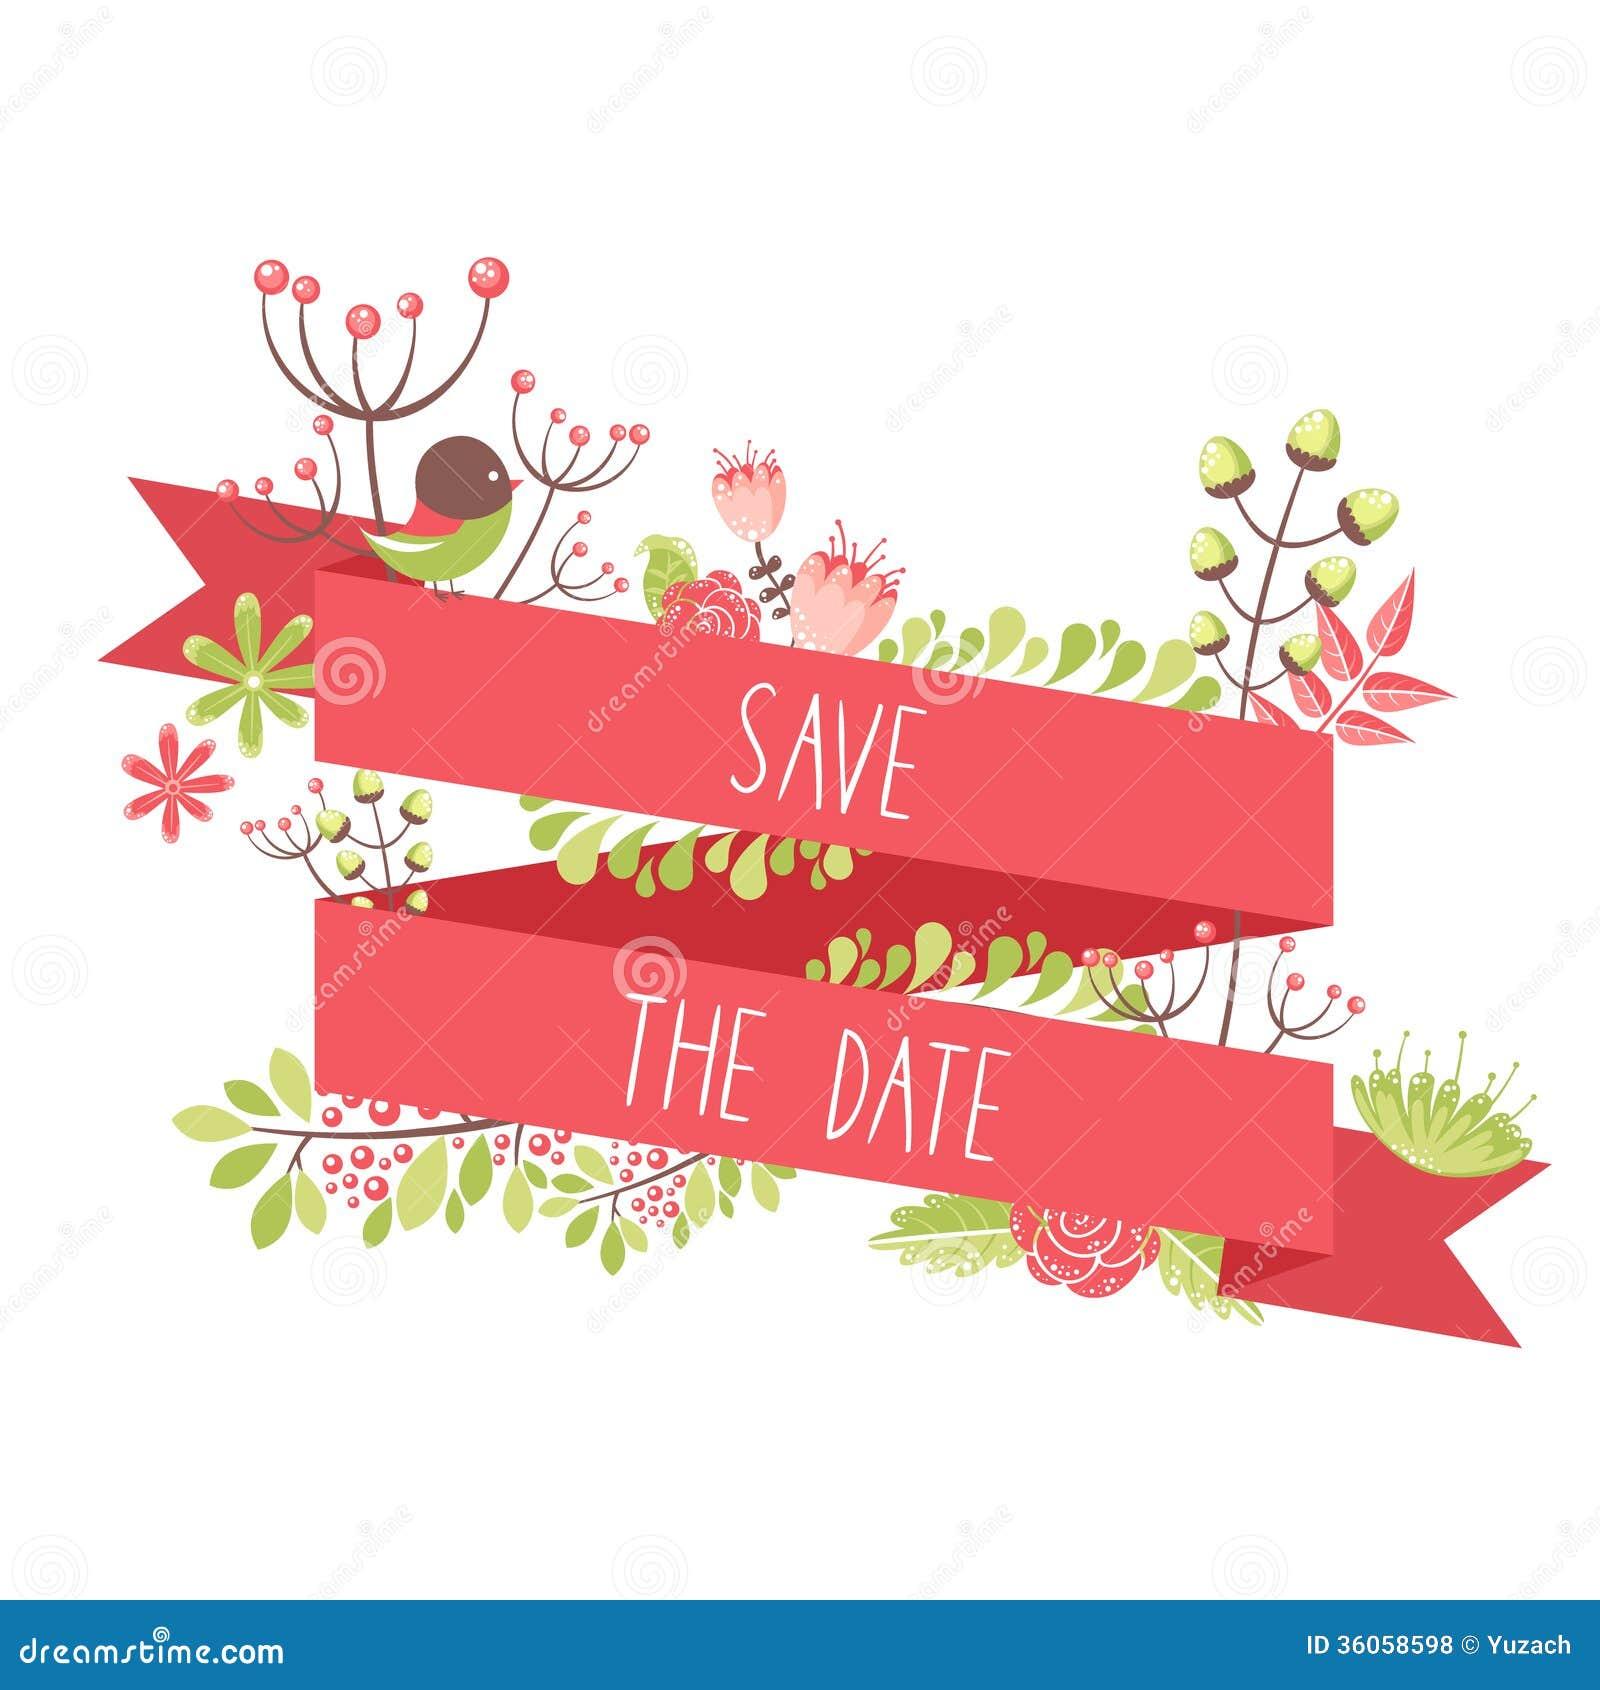 Elegant Floral Decorative Elements For Celebration Cards Stock ...